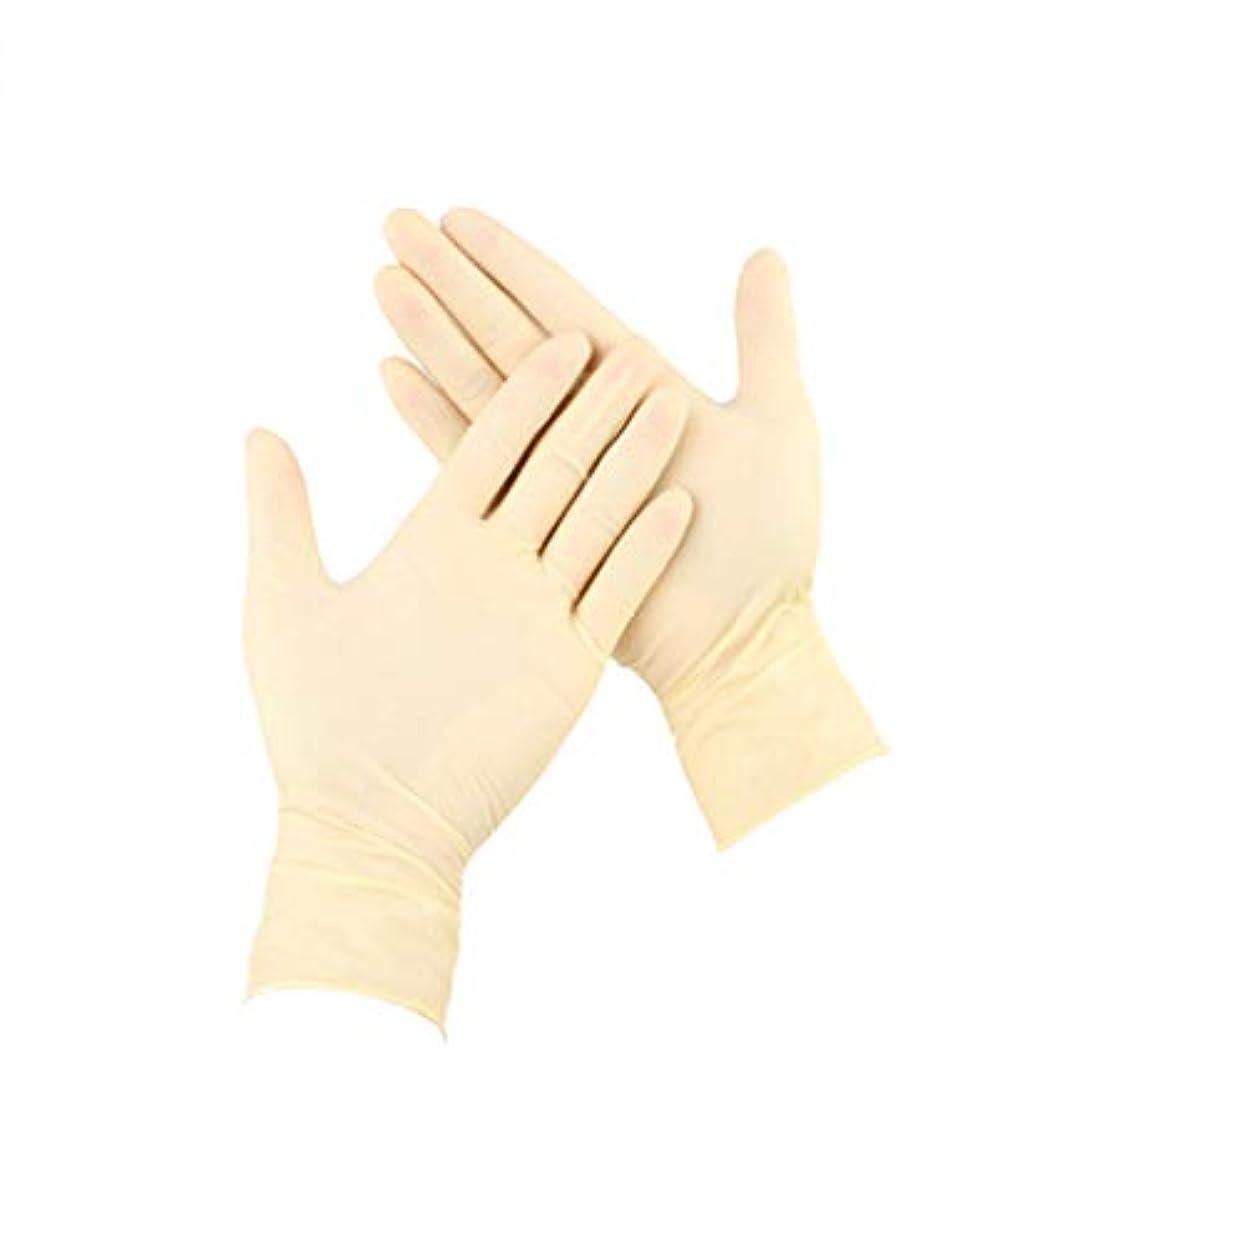 ジャーナリスト裁判官植物のグローブ使い捨てラテックス手袋ゴム保護手袋は、静電気防止キッチンケータリングクリームイエローラテックス100個をチェックする (サイズ さいず : S s)